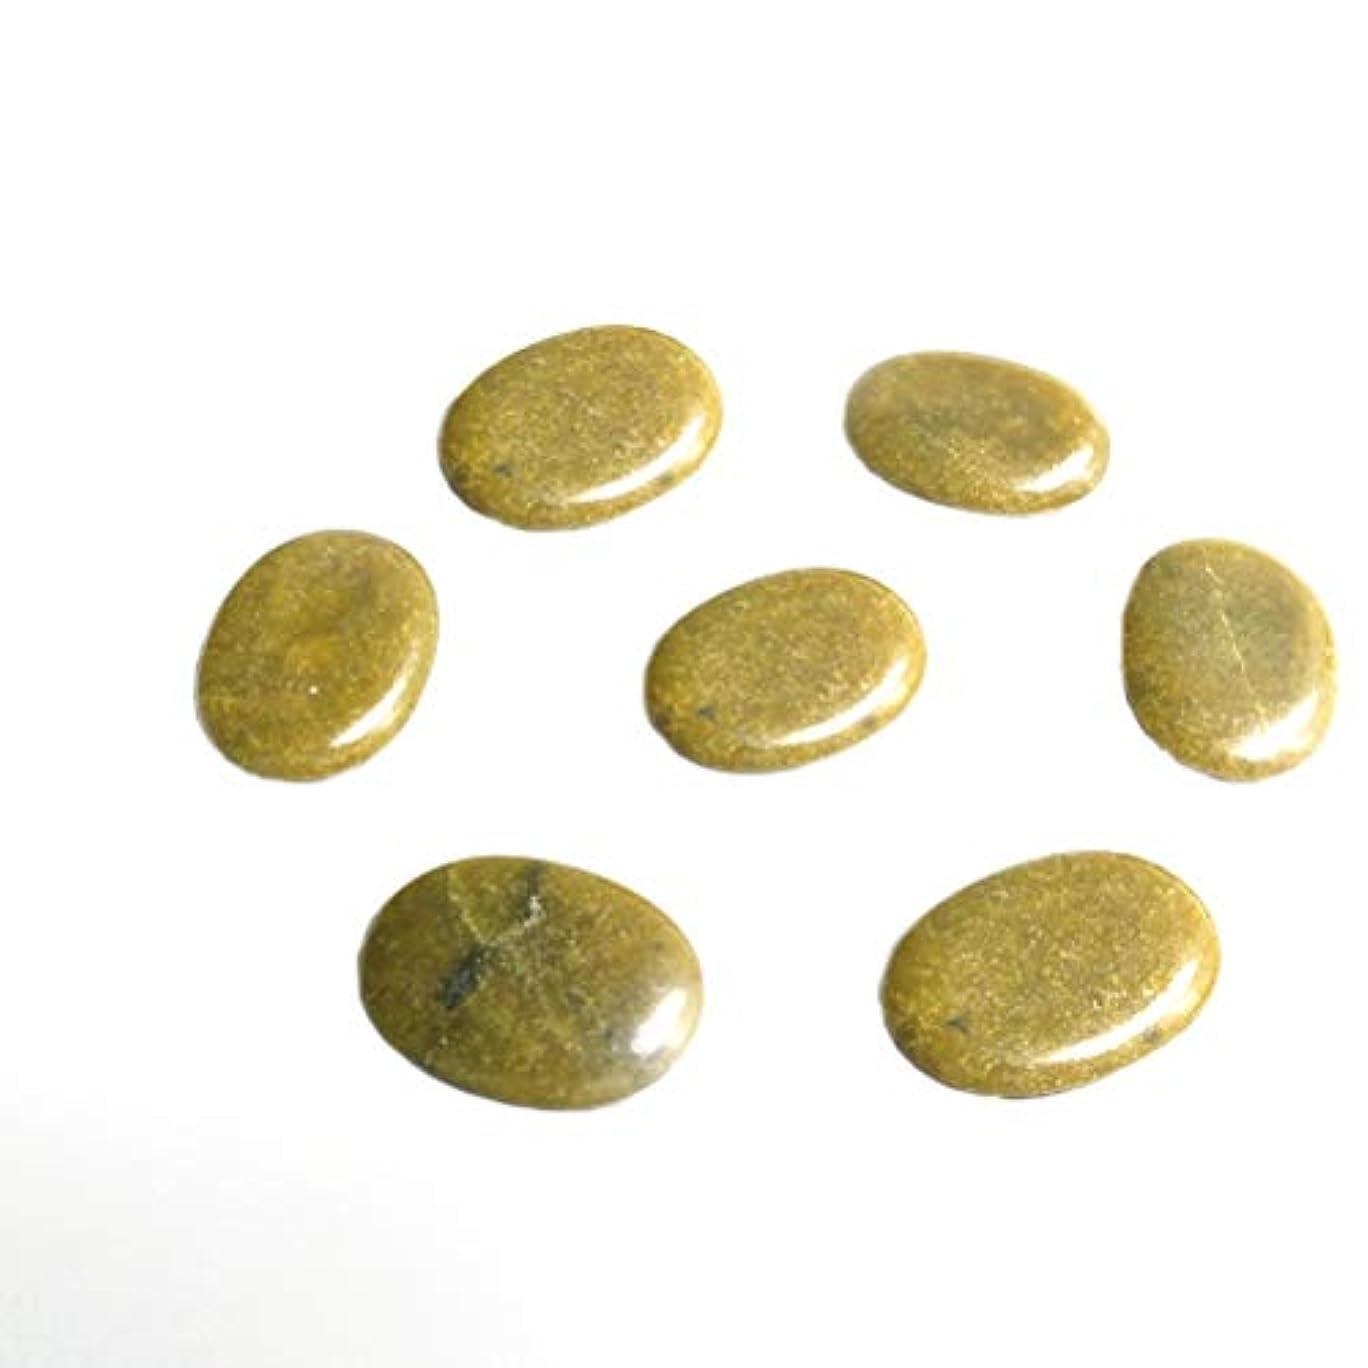 インストール社説ギャラリーSUPVOX スパマッサージ療法のための8個のマッサージホットストーングーシャロックマッサージツールウォーマー(グリーン)